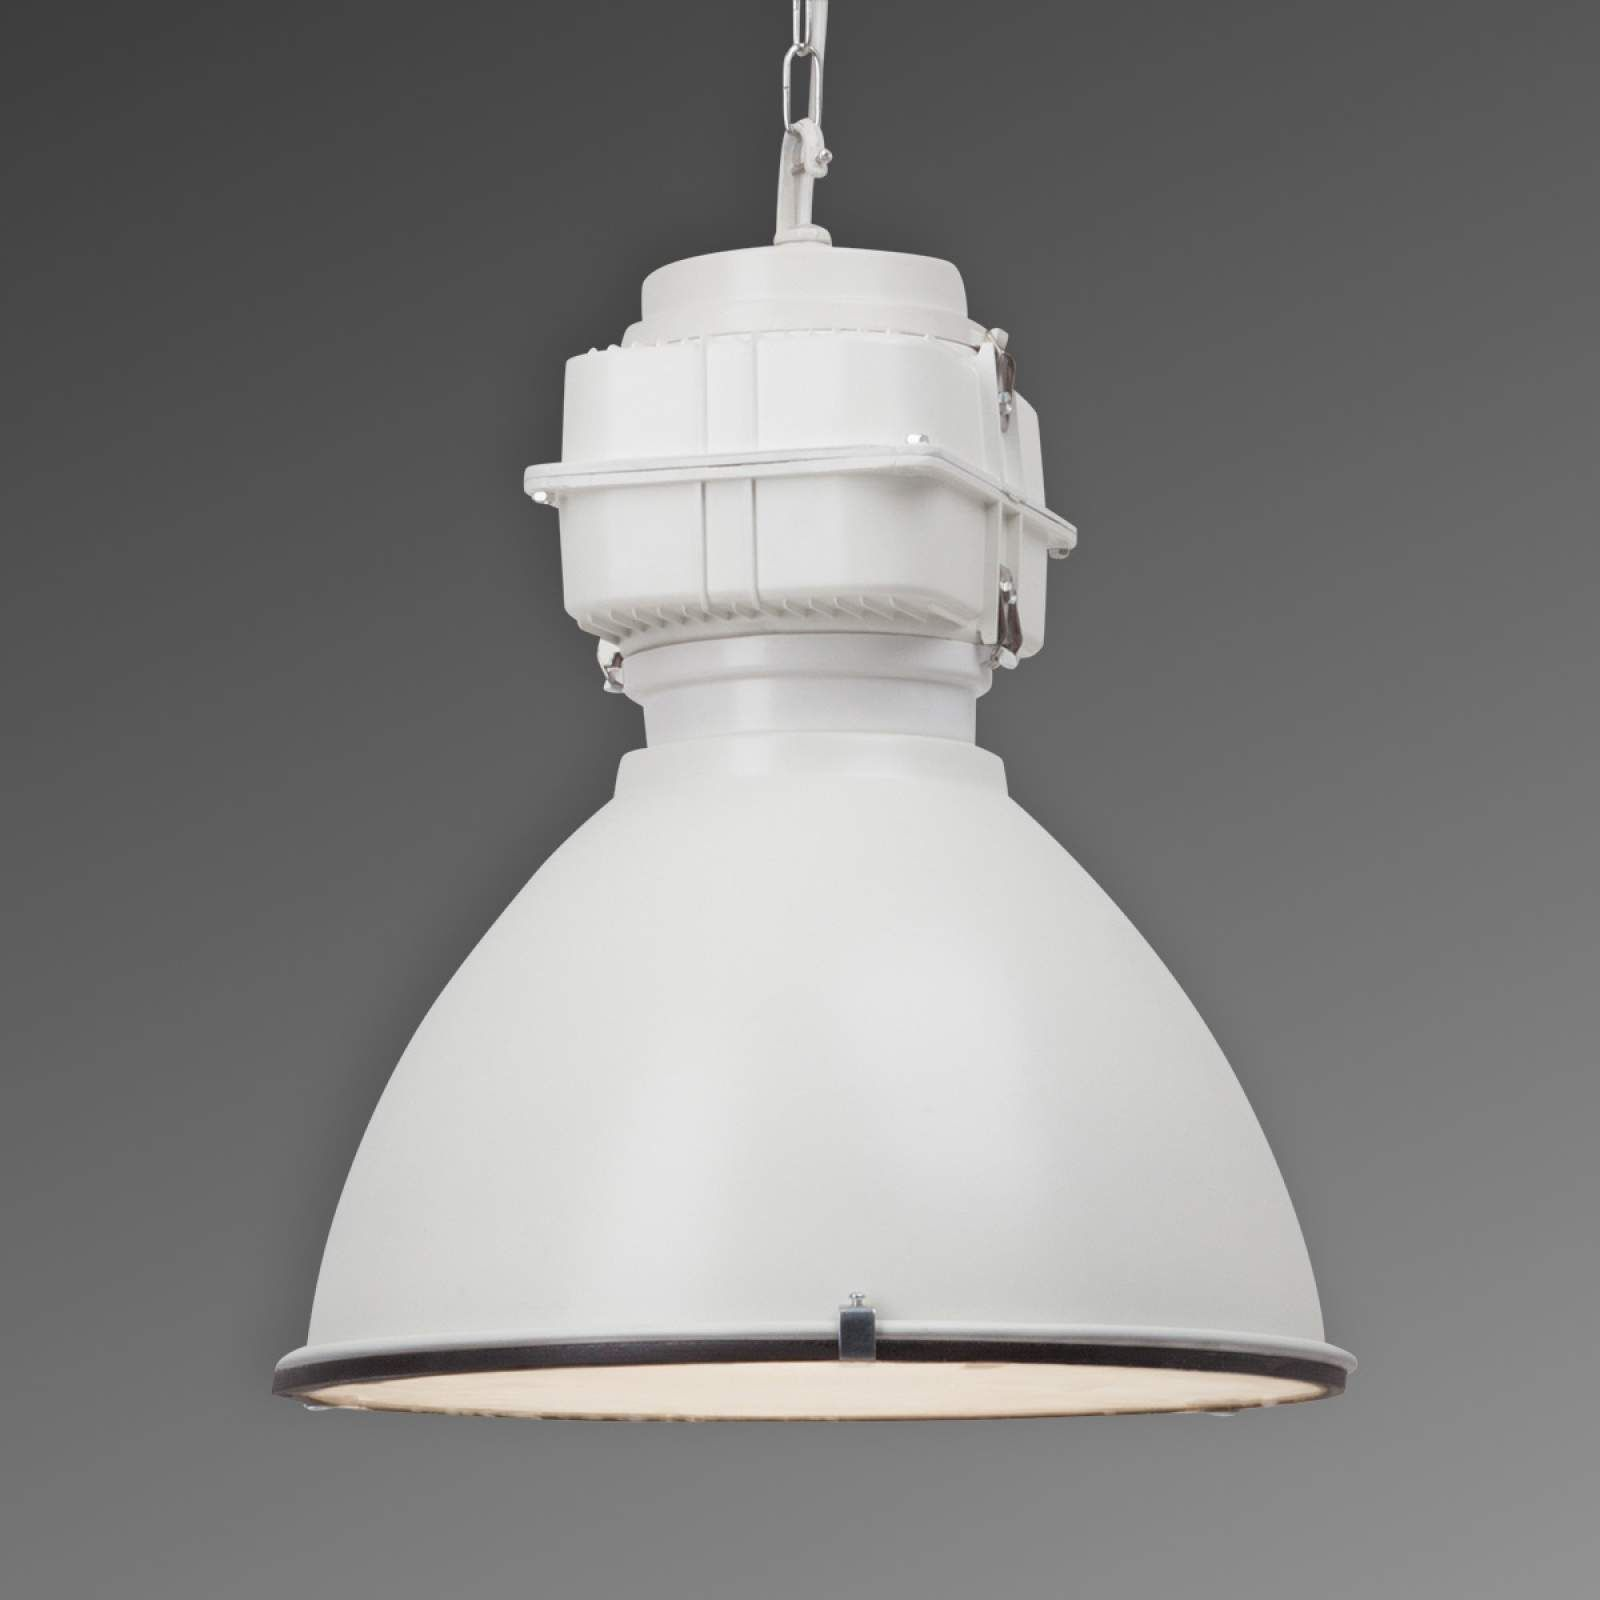 Industrial Hangeleuchte Boston Von Spot Light Weiss Pendellampen Lampen Und Beleuchtung Decke